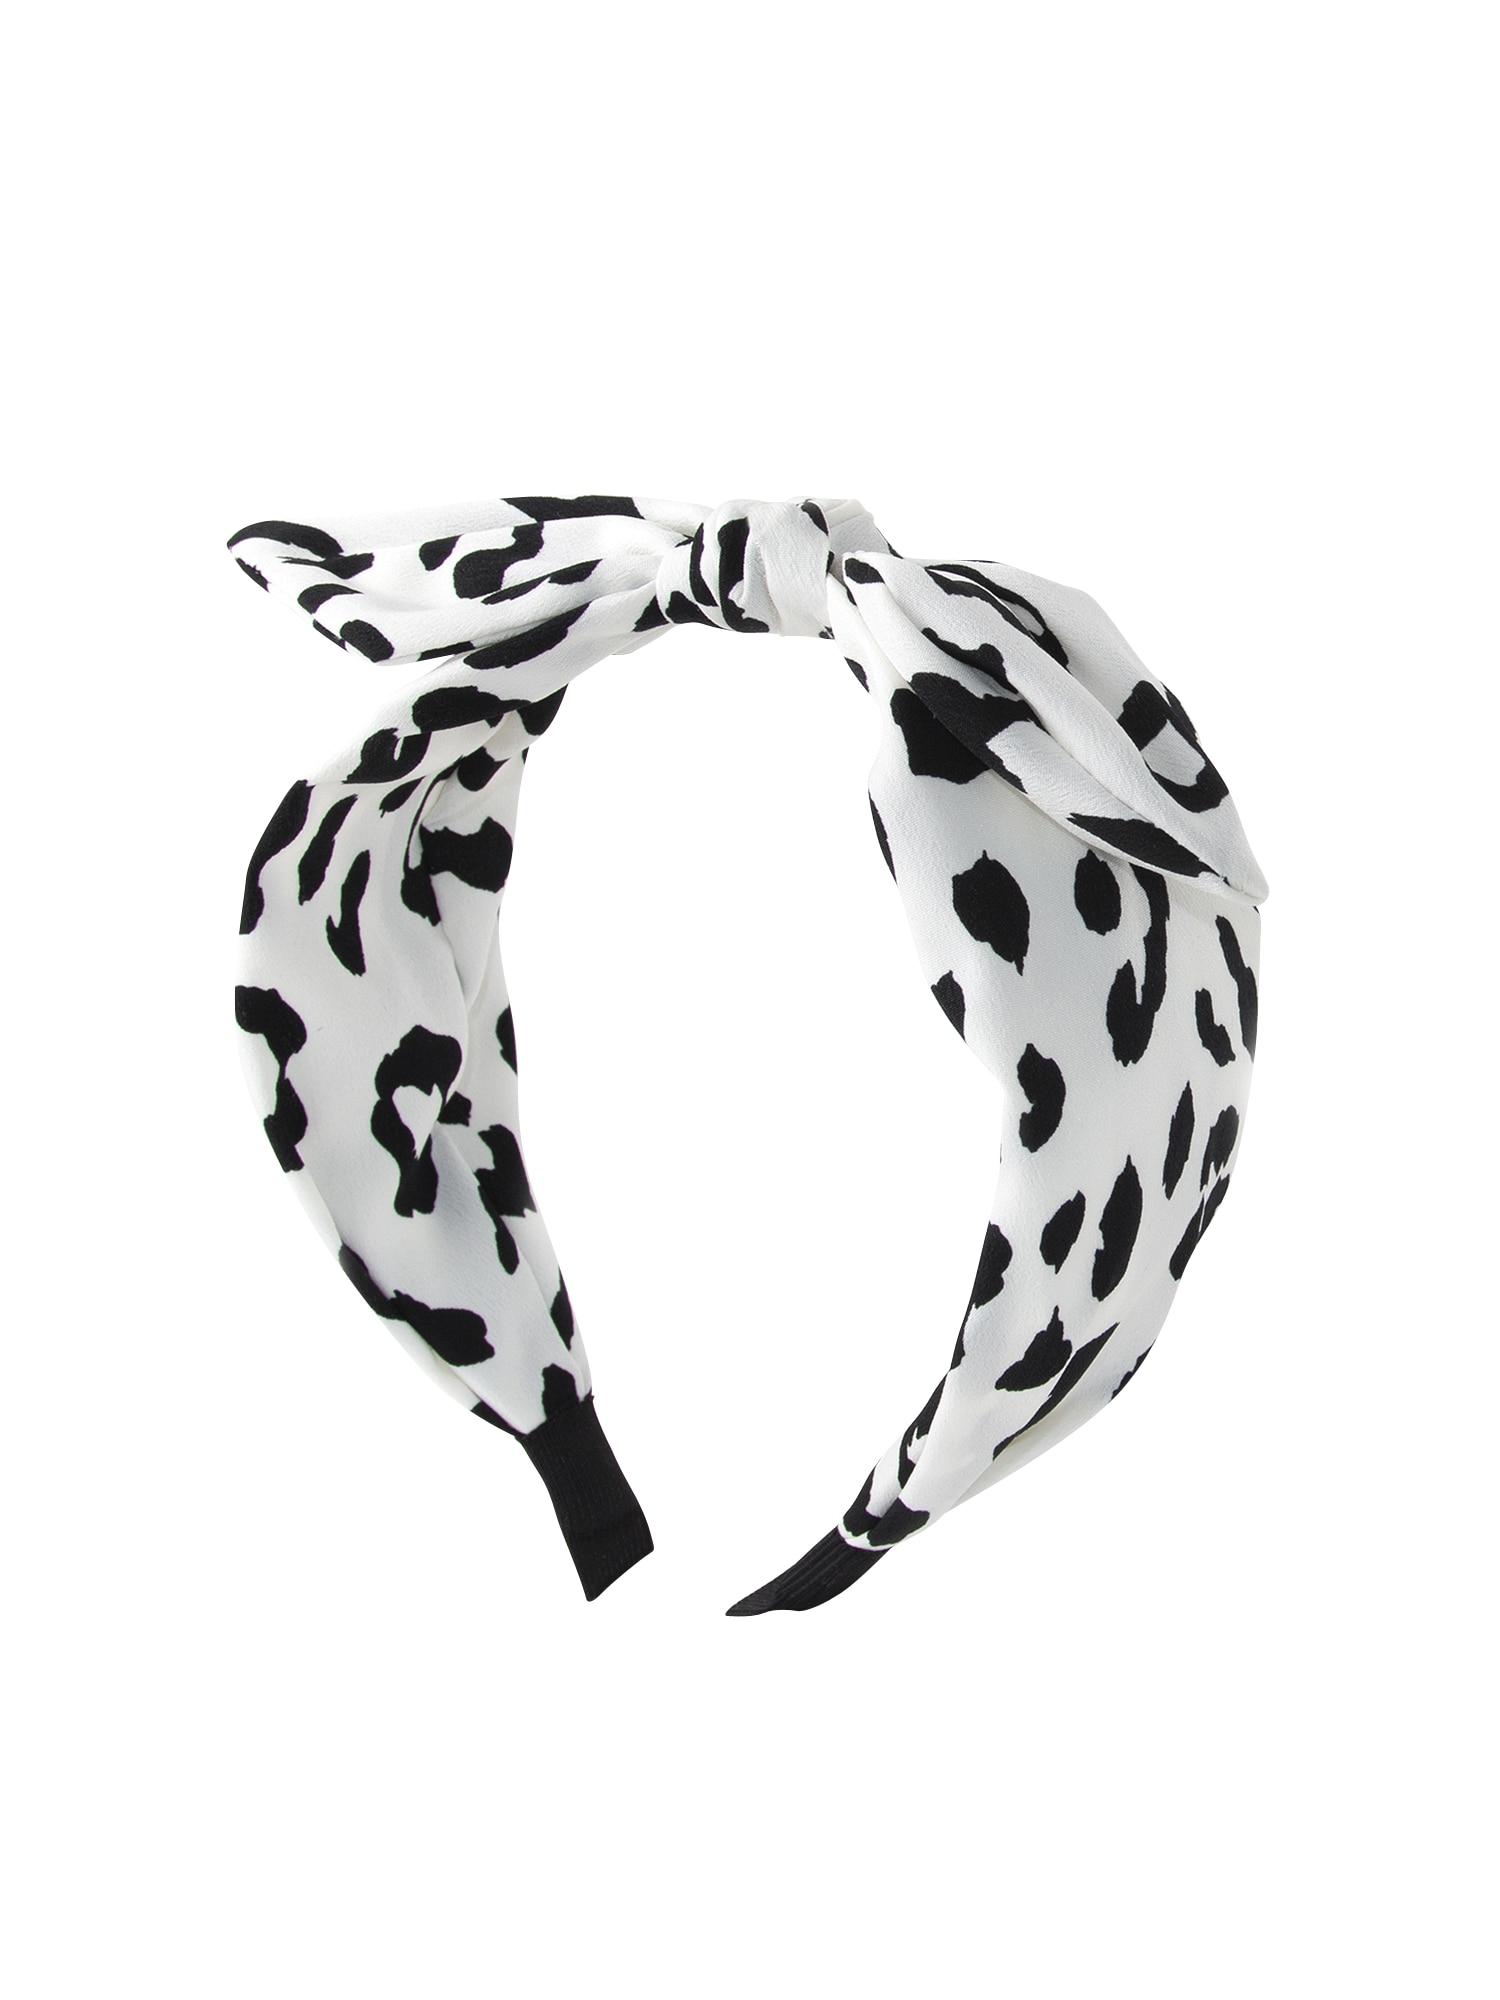 Šperky do vlasů white animal headband černá bílá Orelia